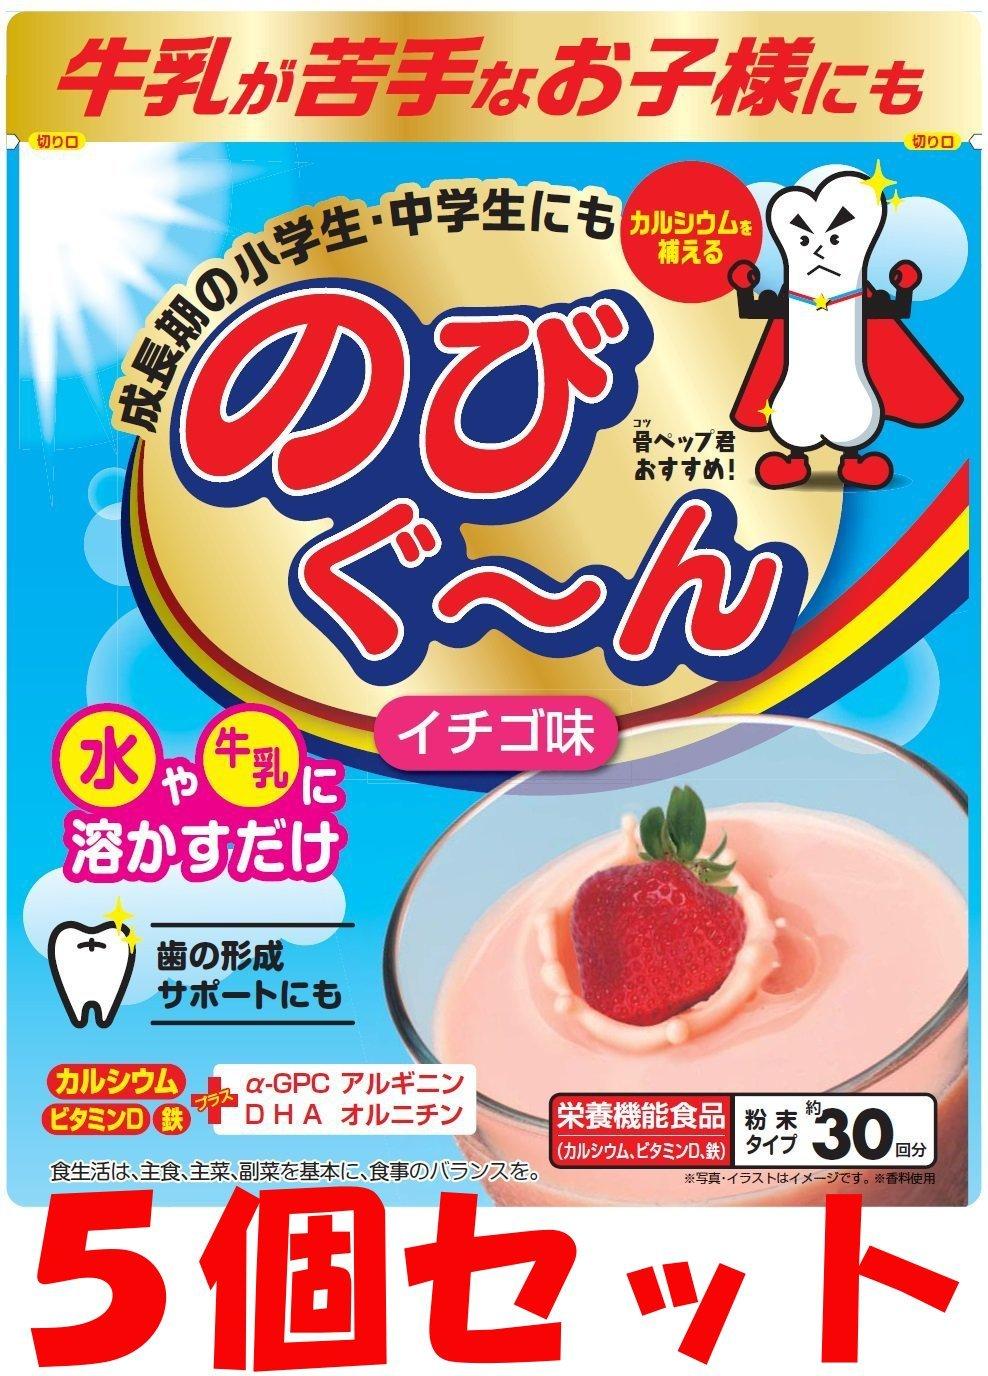 【5個セット】のびぐーん イチゴ味 135g B06Y33TNSL